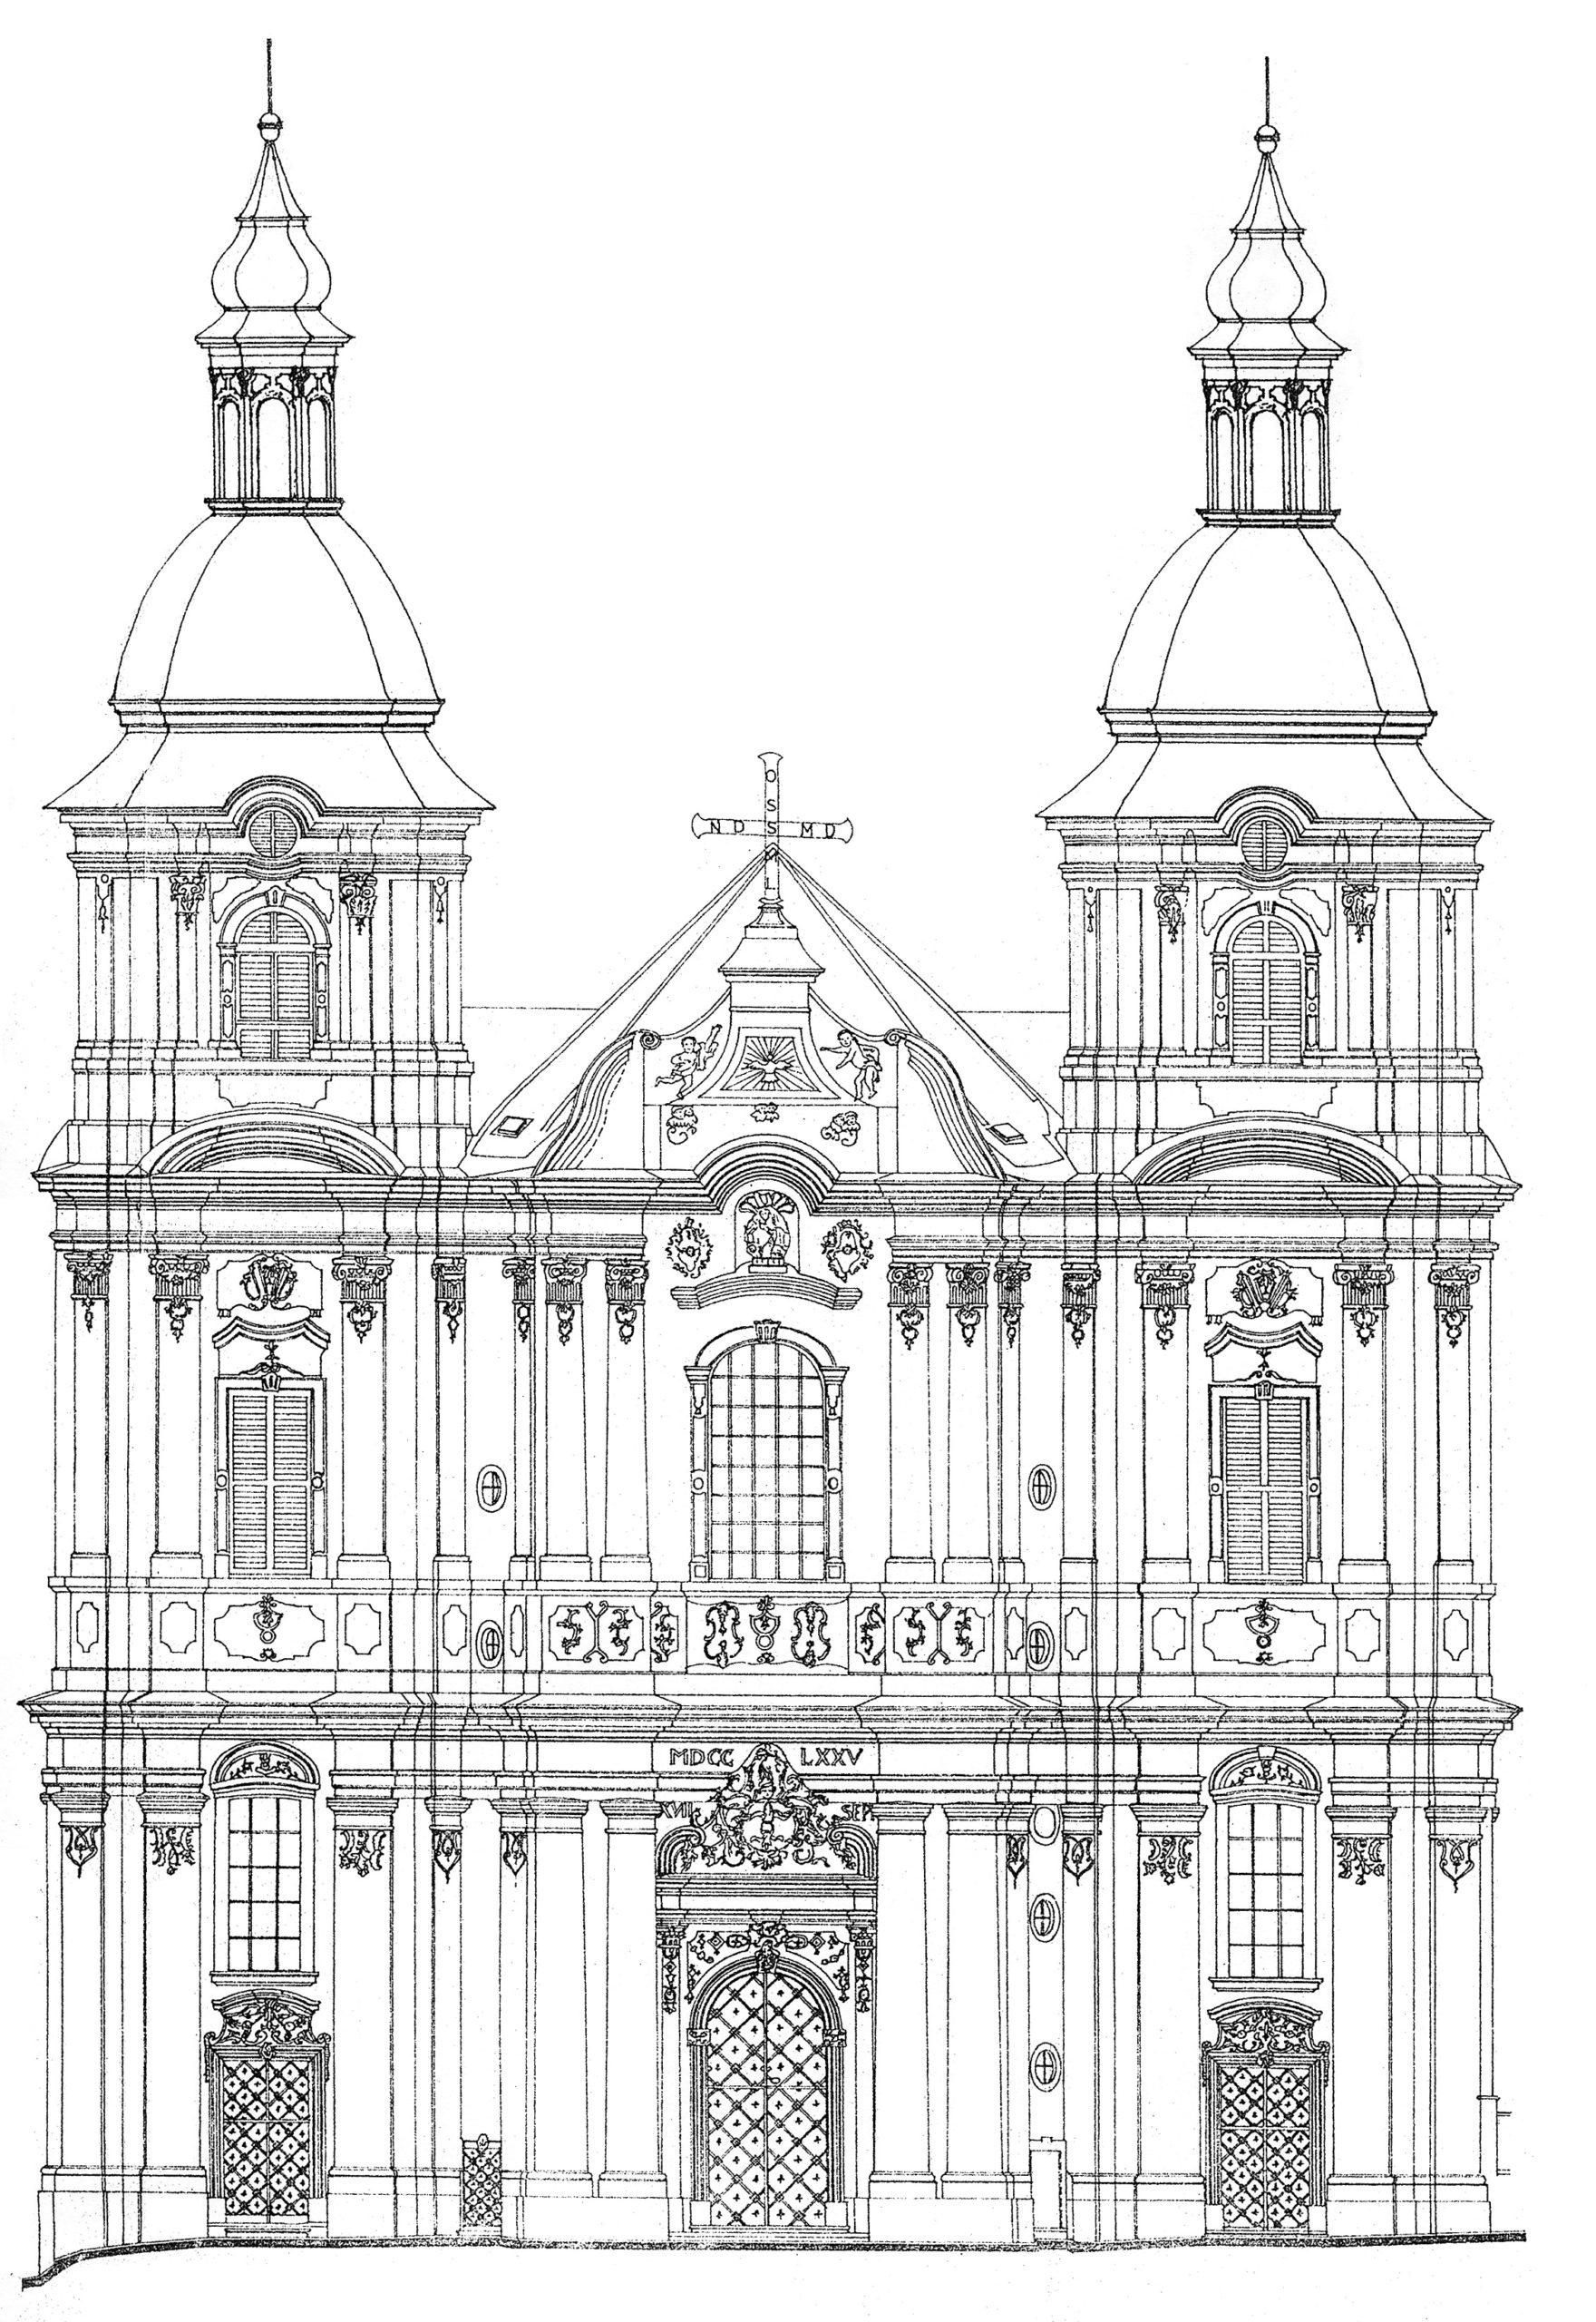 Kostel Nanebevzetí Panny Marie vPřešticích, hlavní průčelí – nerealizovaná varianta dostavby věží